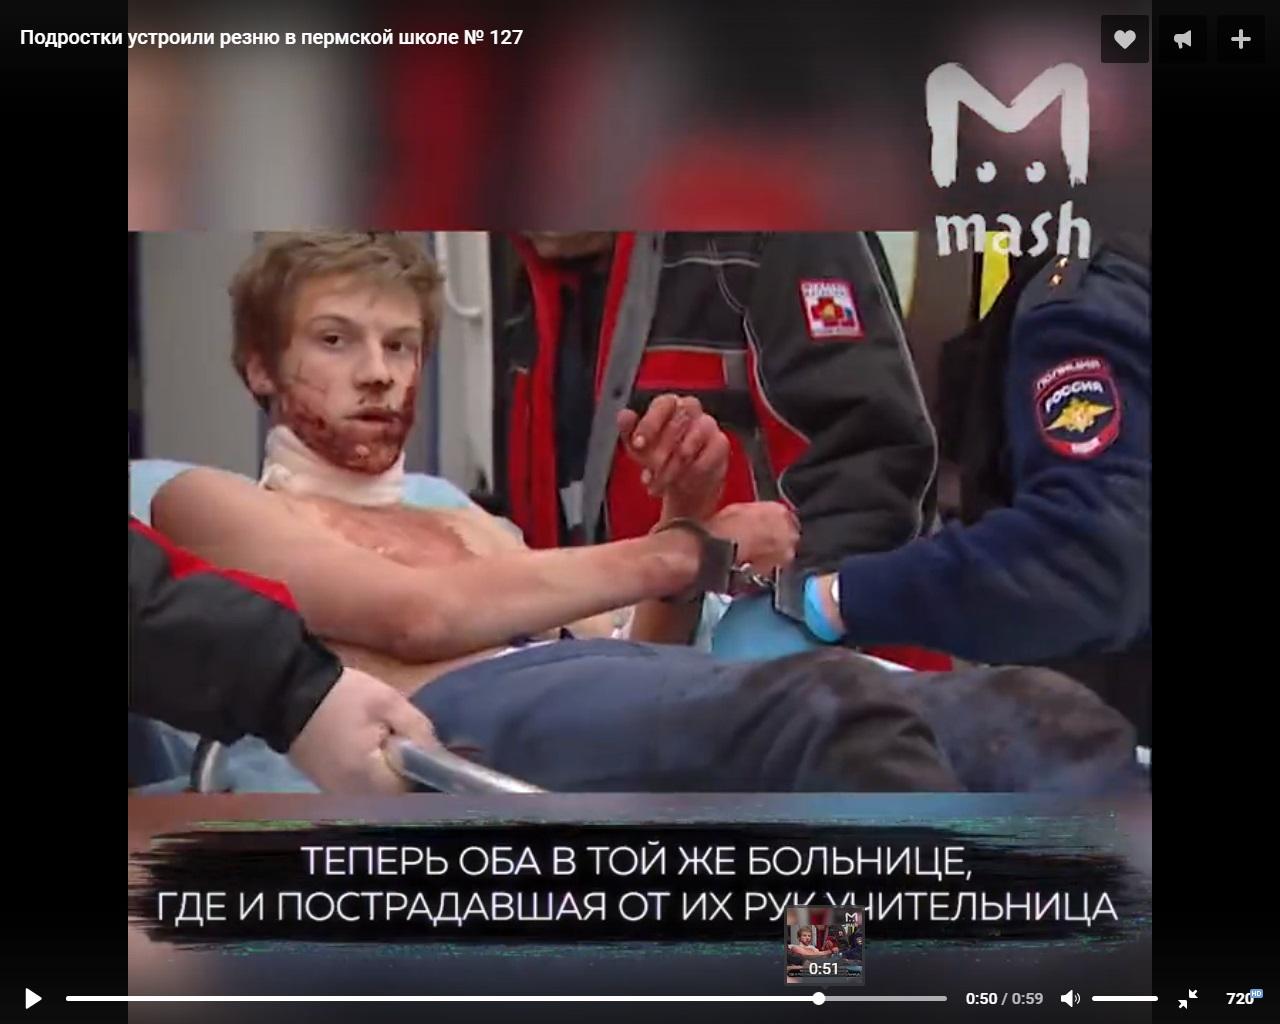 http://images.vfl.ru/ii/1516090580/ba2e52c7/20169939.jpg